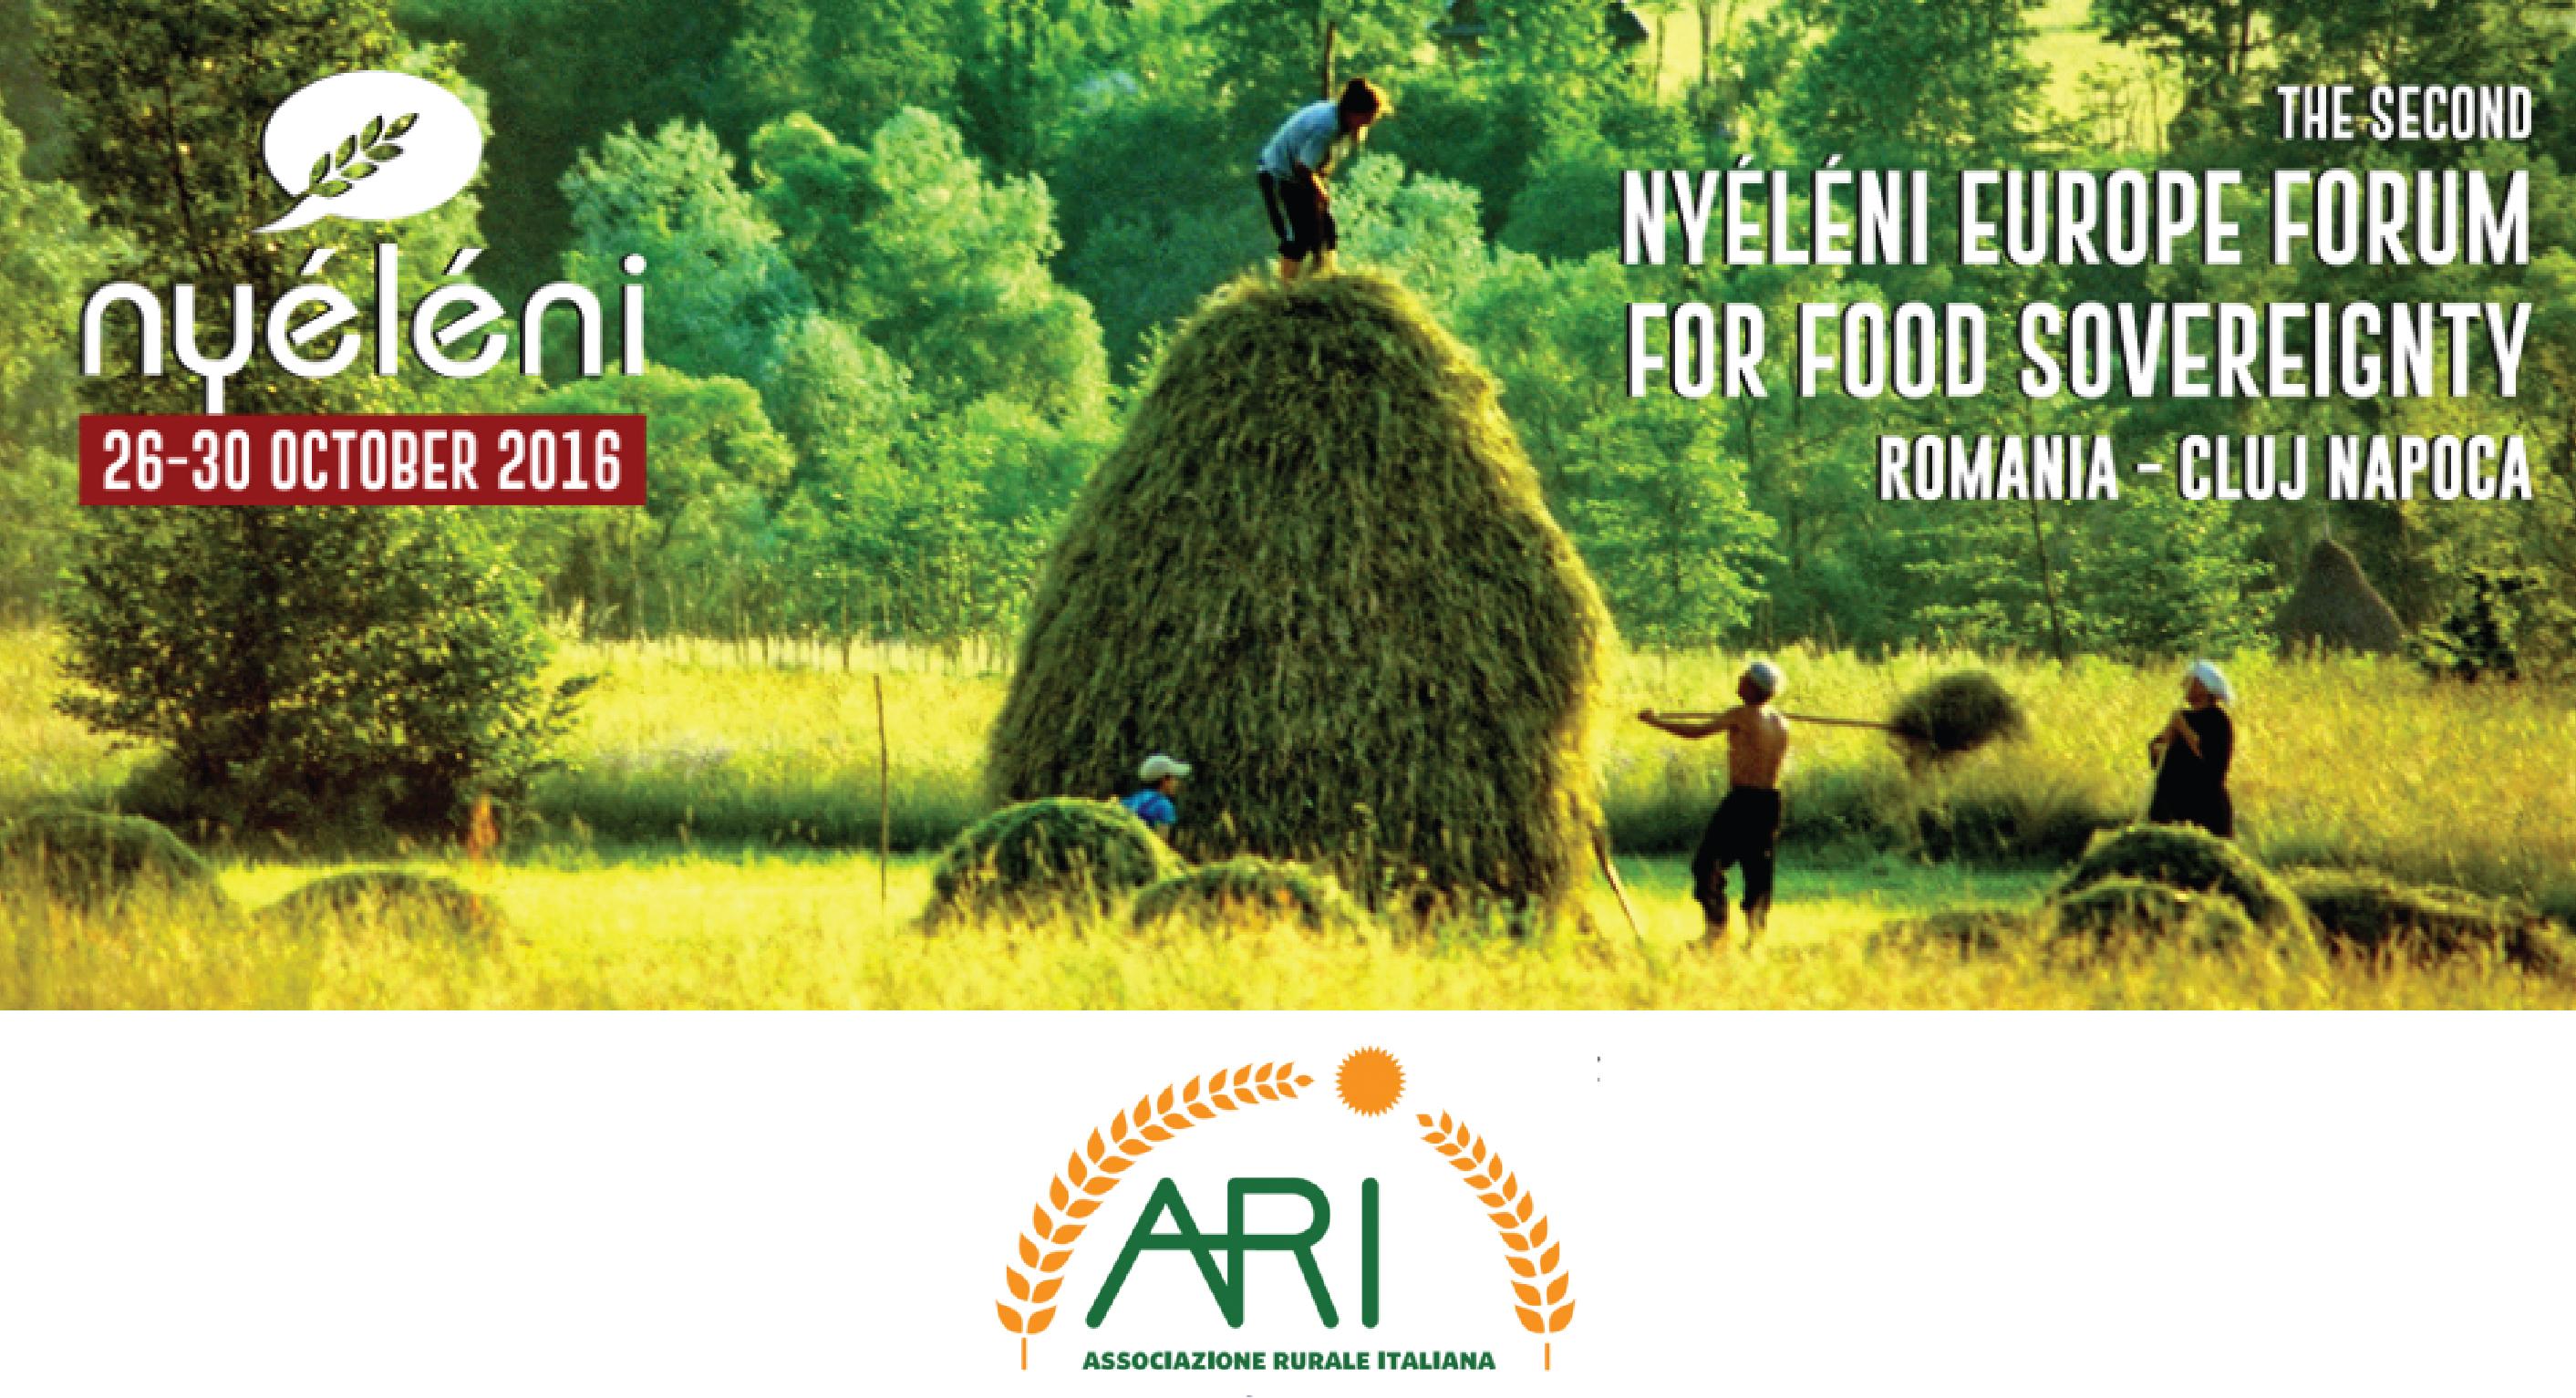 Sostieni La Partecipazione Dei Contadini Italiani Al Forum Di Nyeleni 2016 In Romania Sulla Sovranità Alimentare.